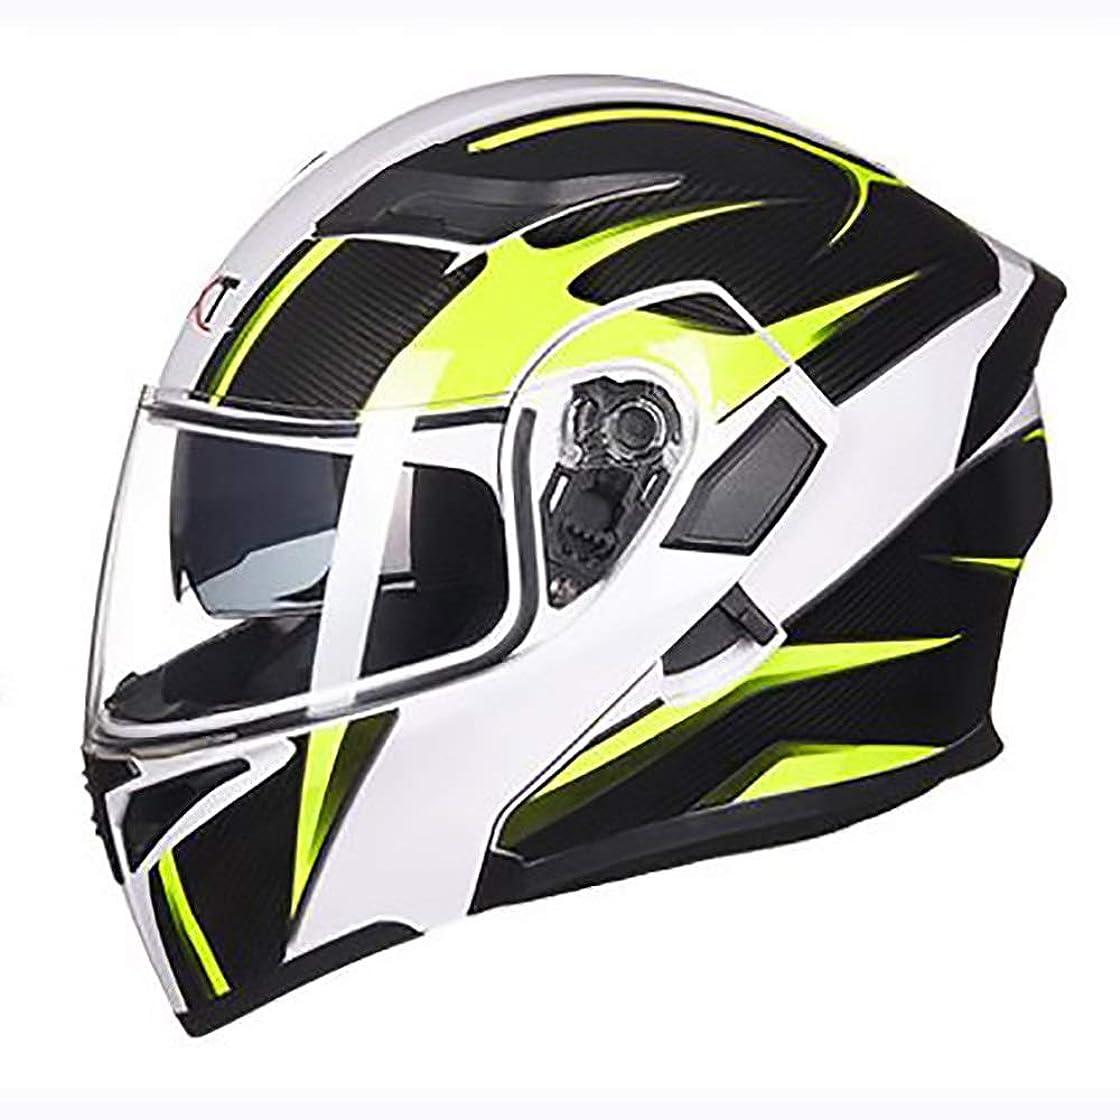 話をする力学無駄だTOMSSL高品質 ホワイトカーボン鉛黄色大人自転車ヘルメット乗馬電気自動車オートバイヘルメット自転車マウンテンバイクヘルメット屋外乗馬機器 TOMSSL高品質 (Size : XL)